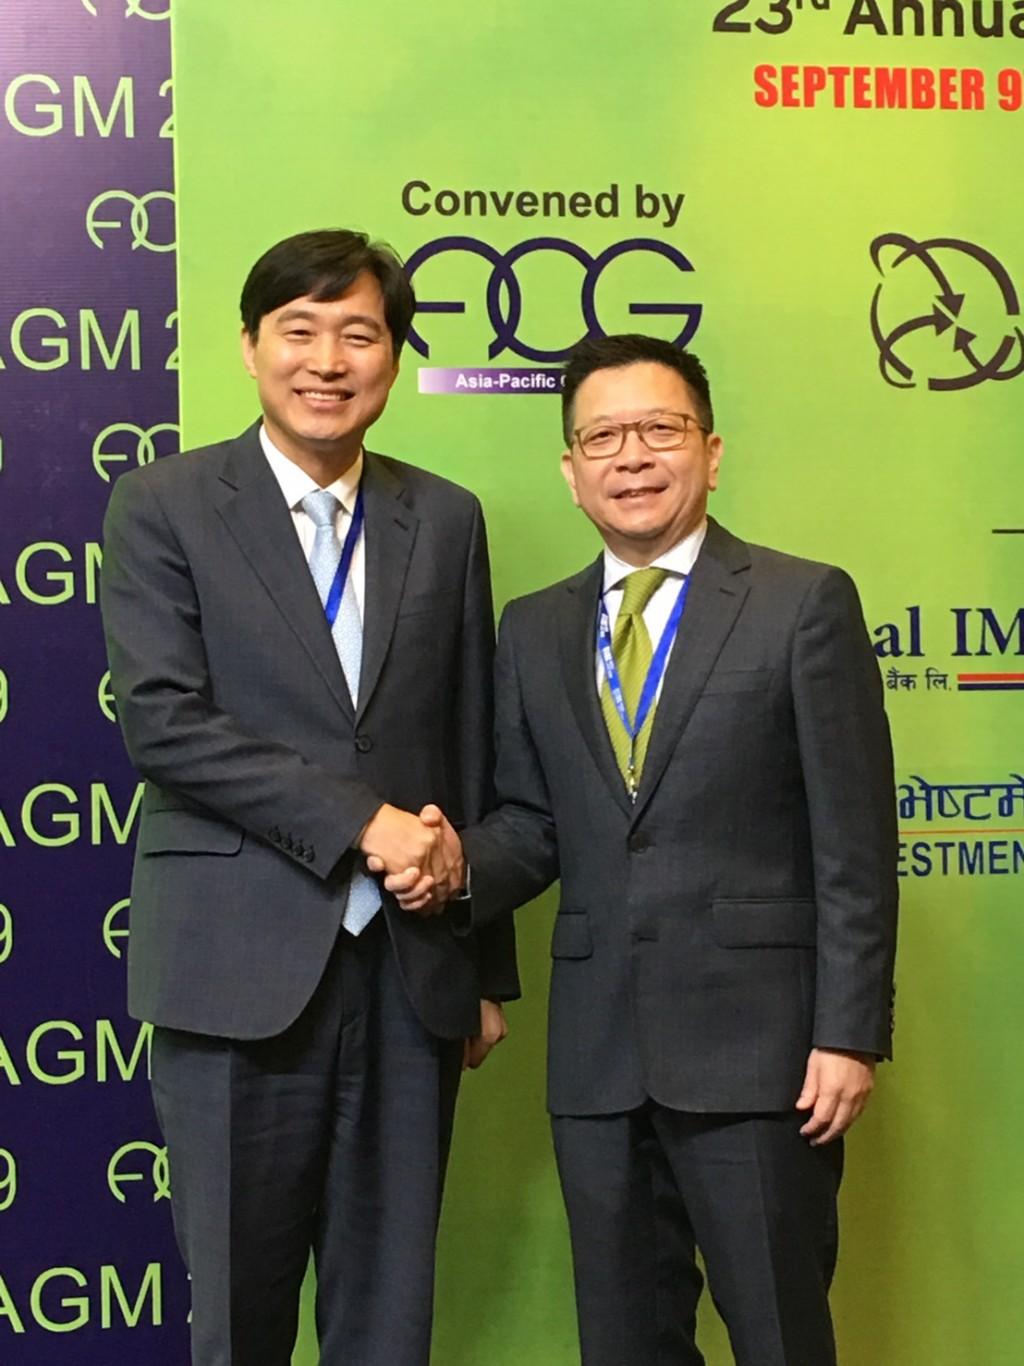 現任亞太地區集保組織(ACG)主席Byunghae Lee祝賀林修銘董事長當選下屆副主席。(照片由集保提供)